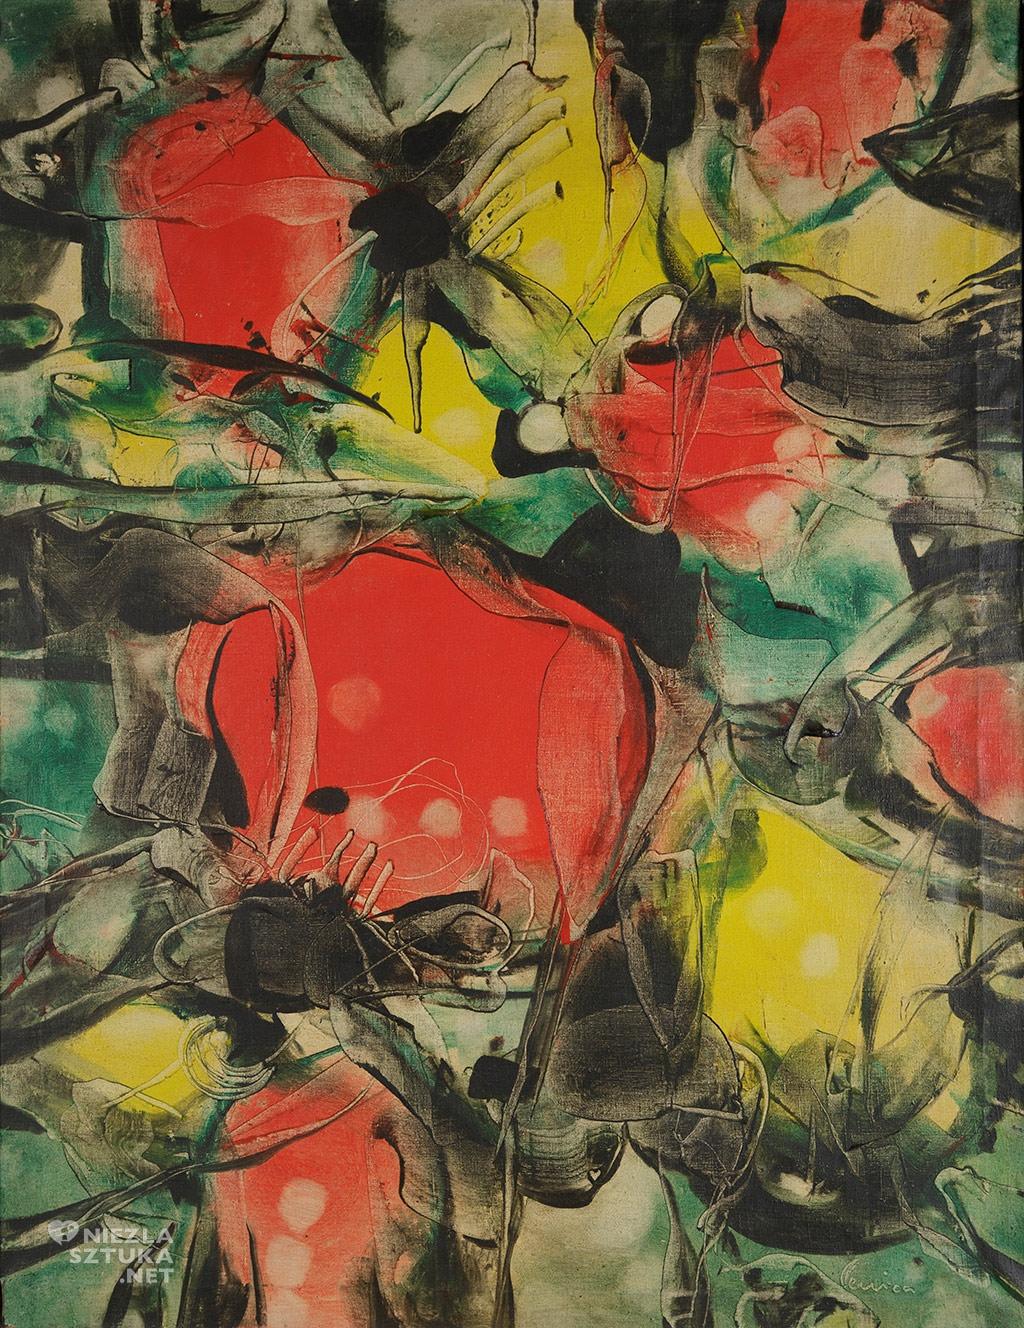 Alfred Lenica <em>Opis morza faktura, fantastyka</em>, olej, płótno, 1965, Muzeum Górnośląskie w Bytomiu